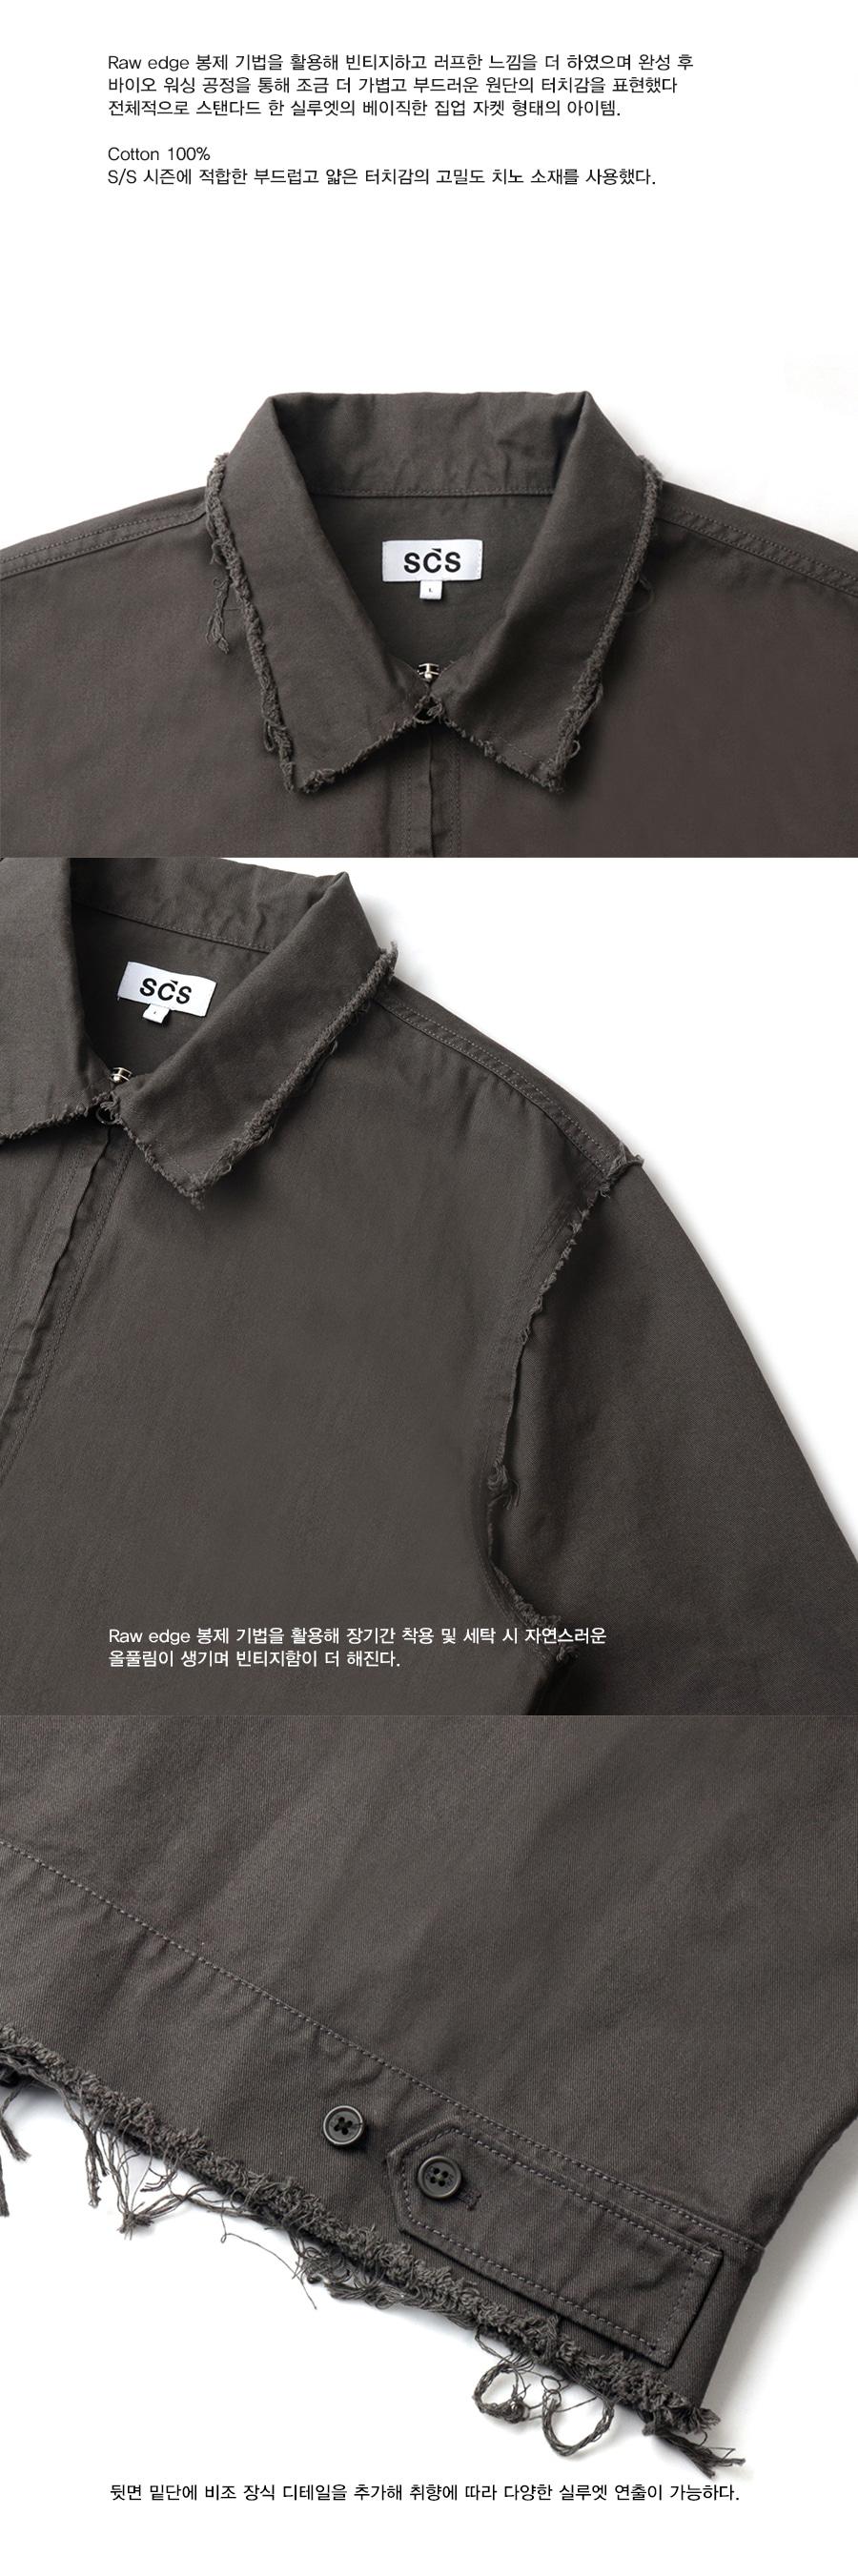 에스씨에스(SCS) [SS20] Work Jacket(Charcoal)